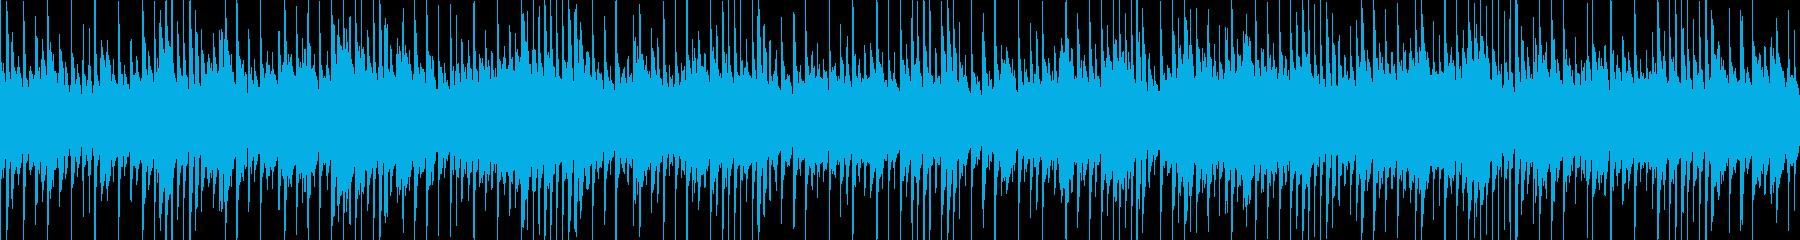 拍子が変だけど、耳に馴染みやすいテクノの再生済みの波形